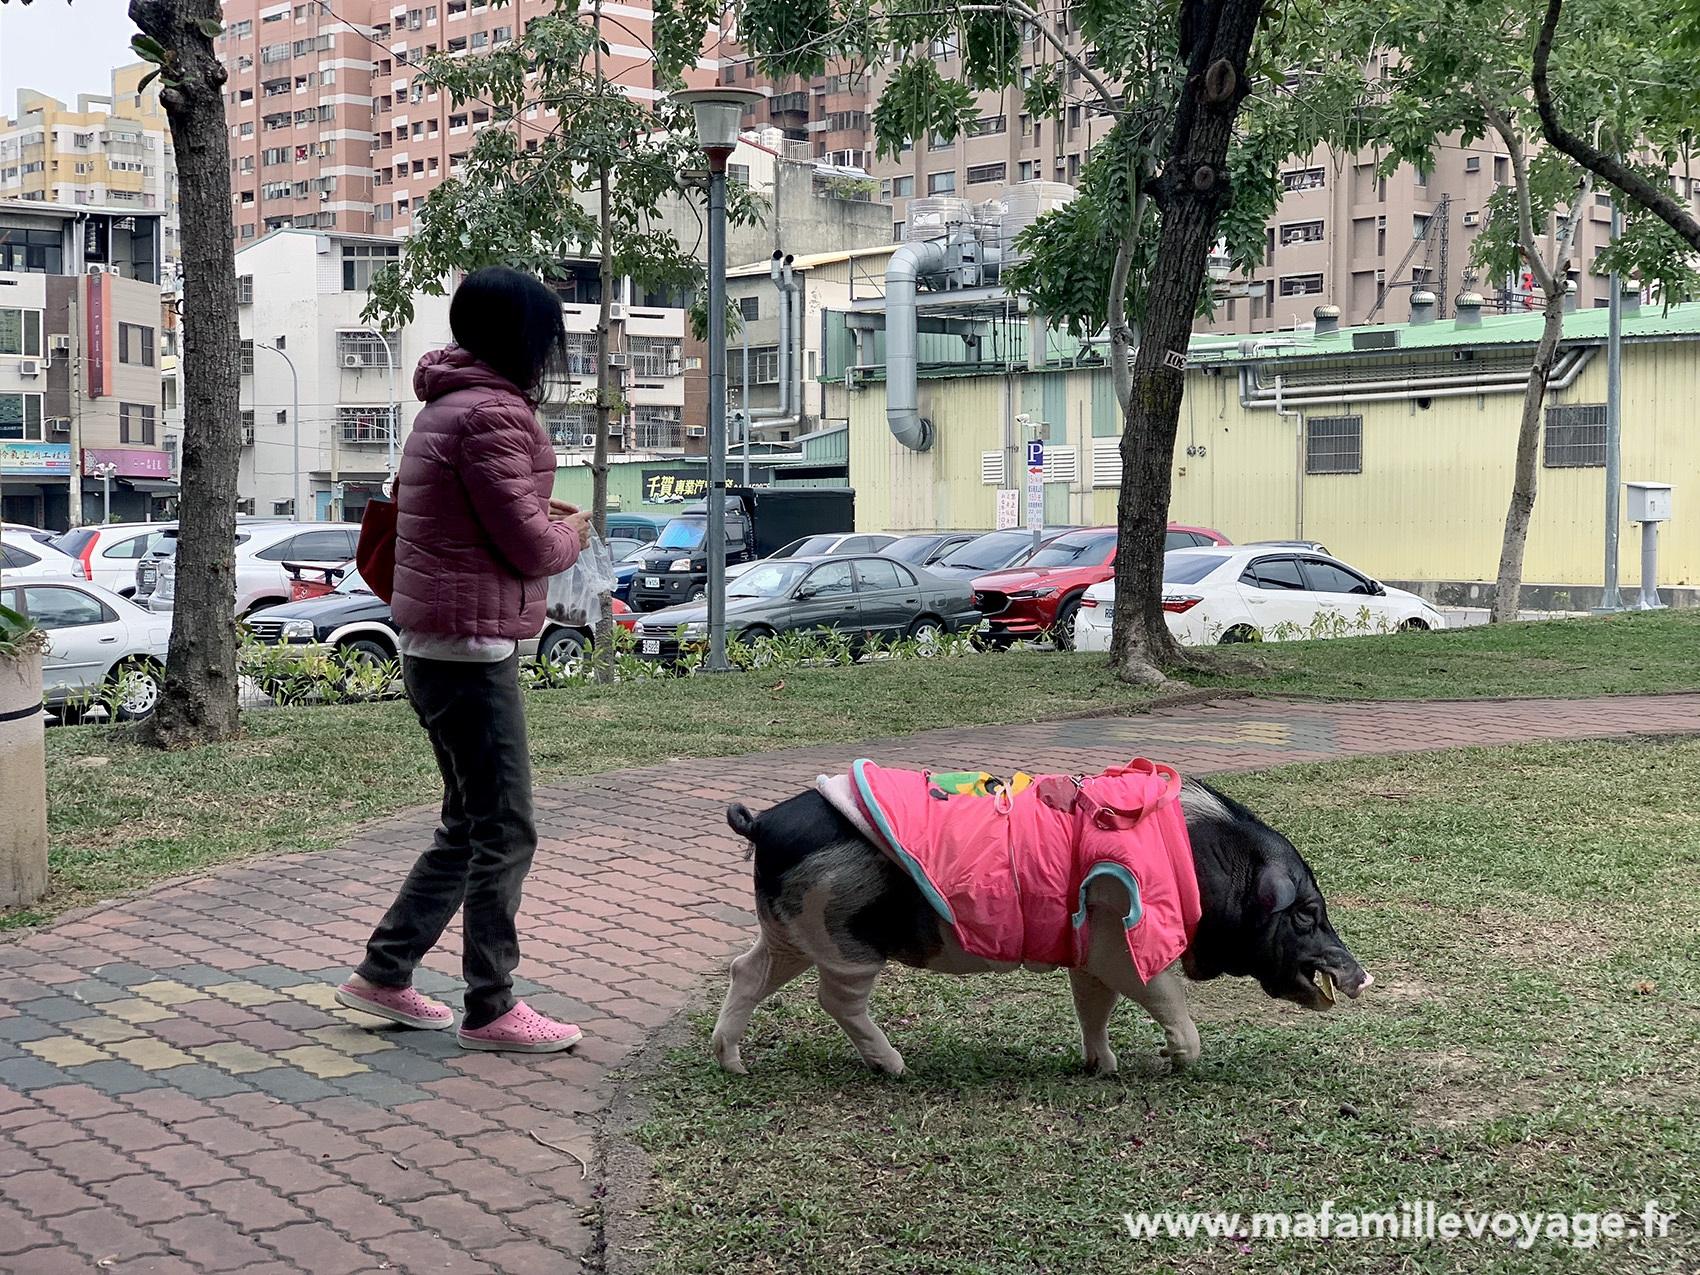 Cochons domestiques au parc. Normal, quoi !